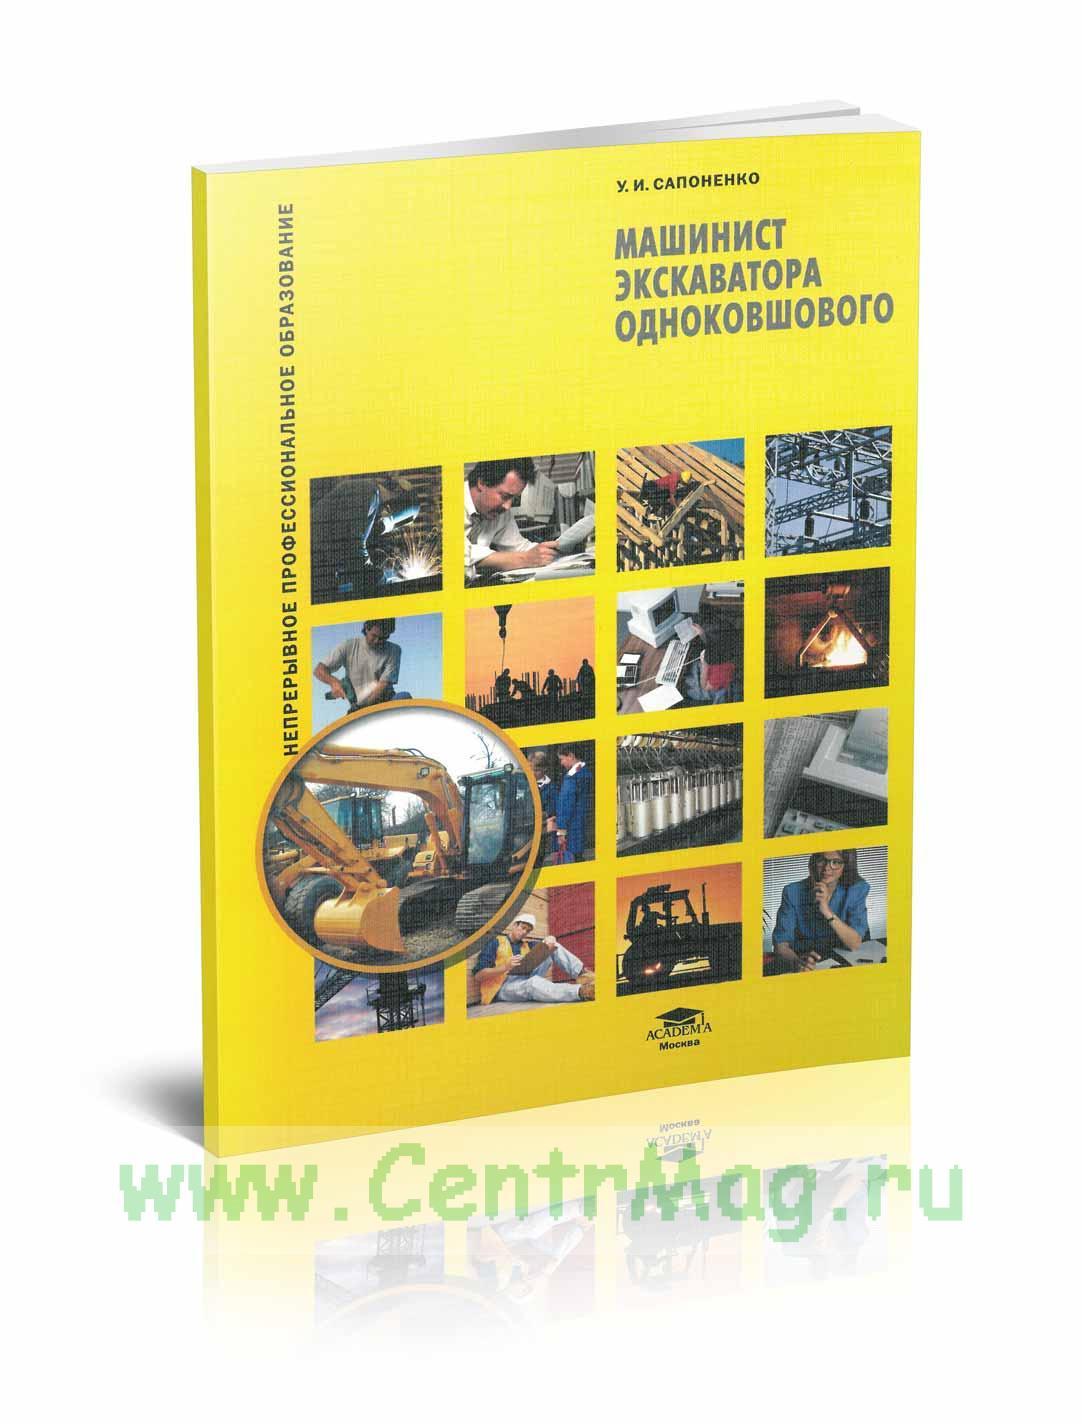 Машинист экскаватора одноковшового: учебное пособие (4-е издание, стереотипное)